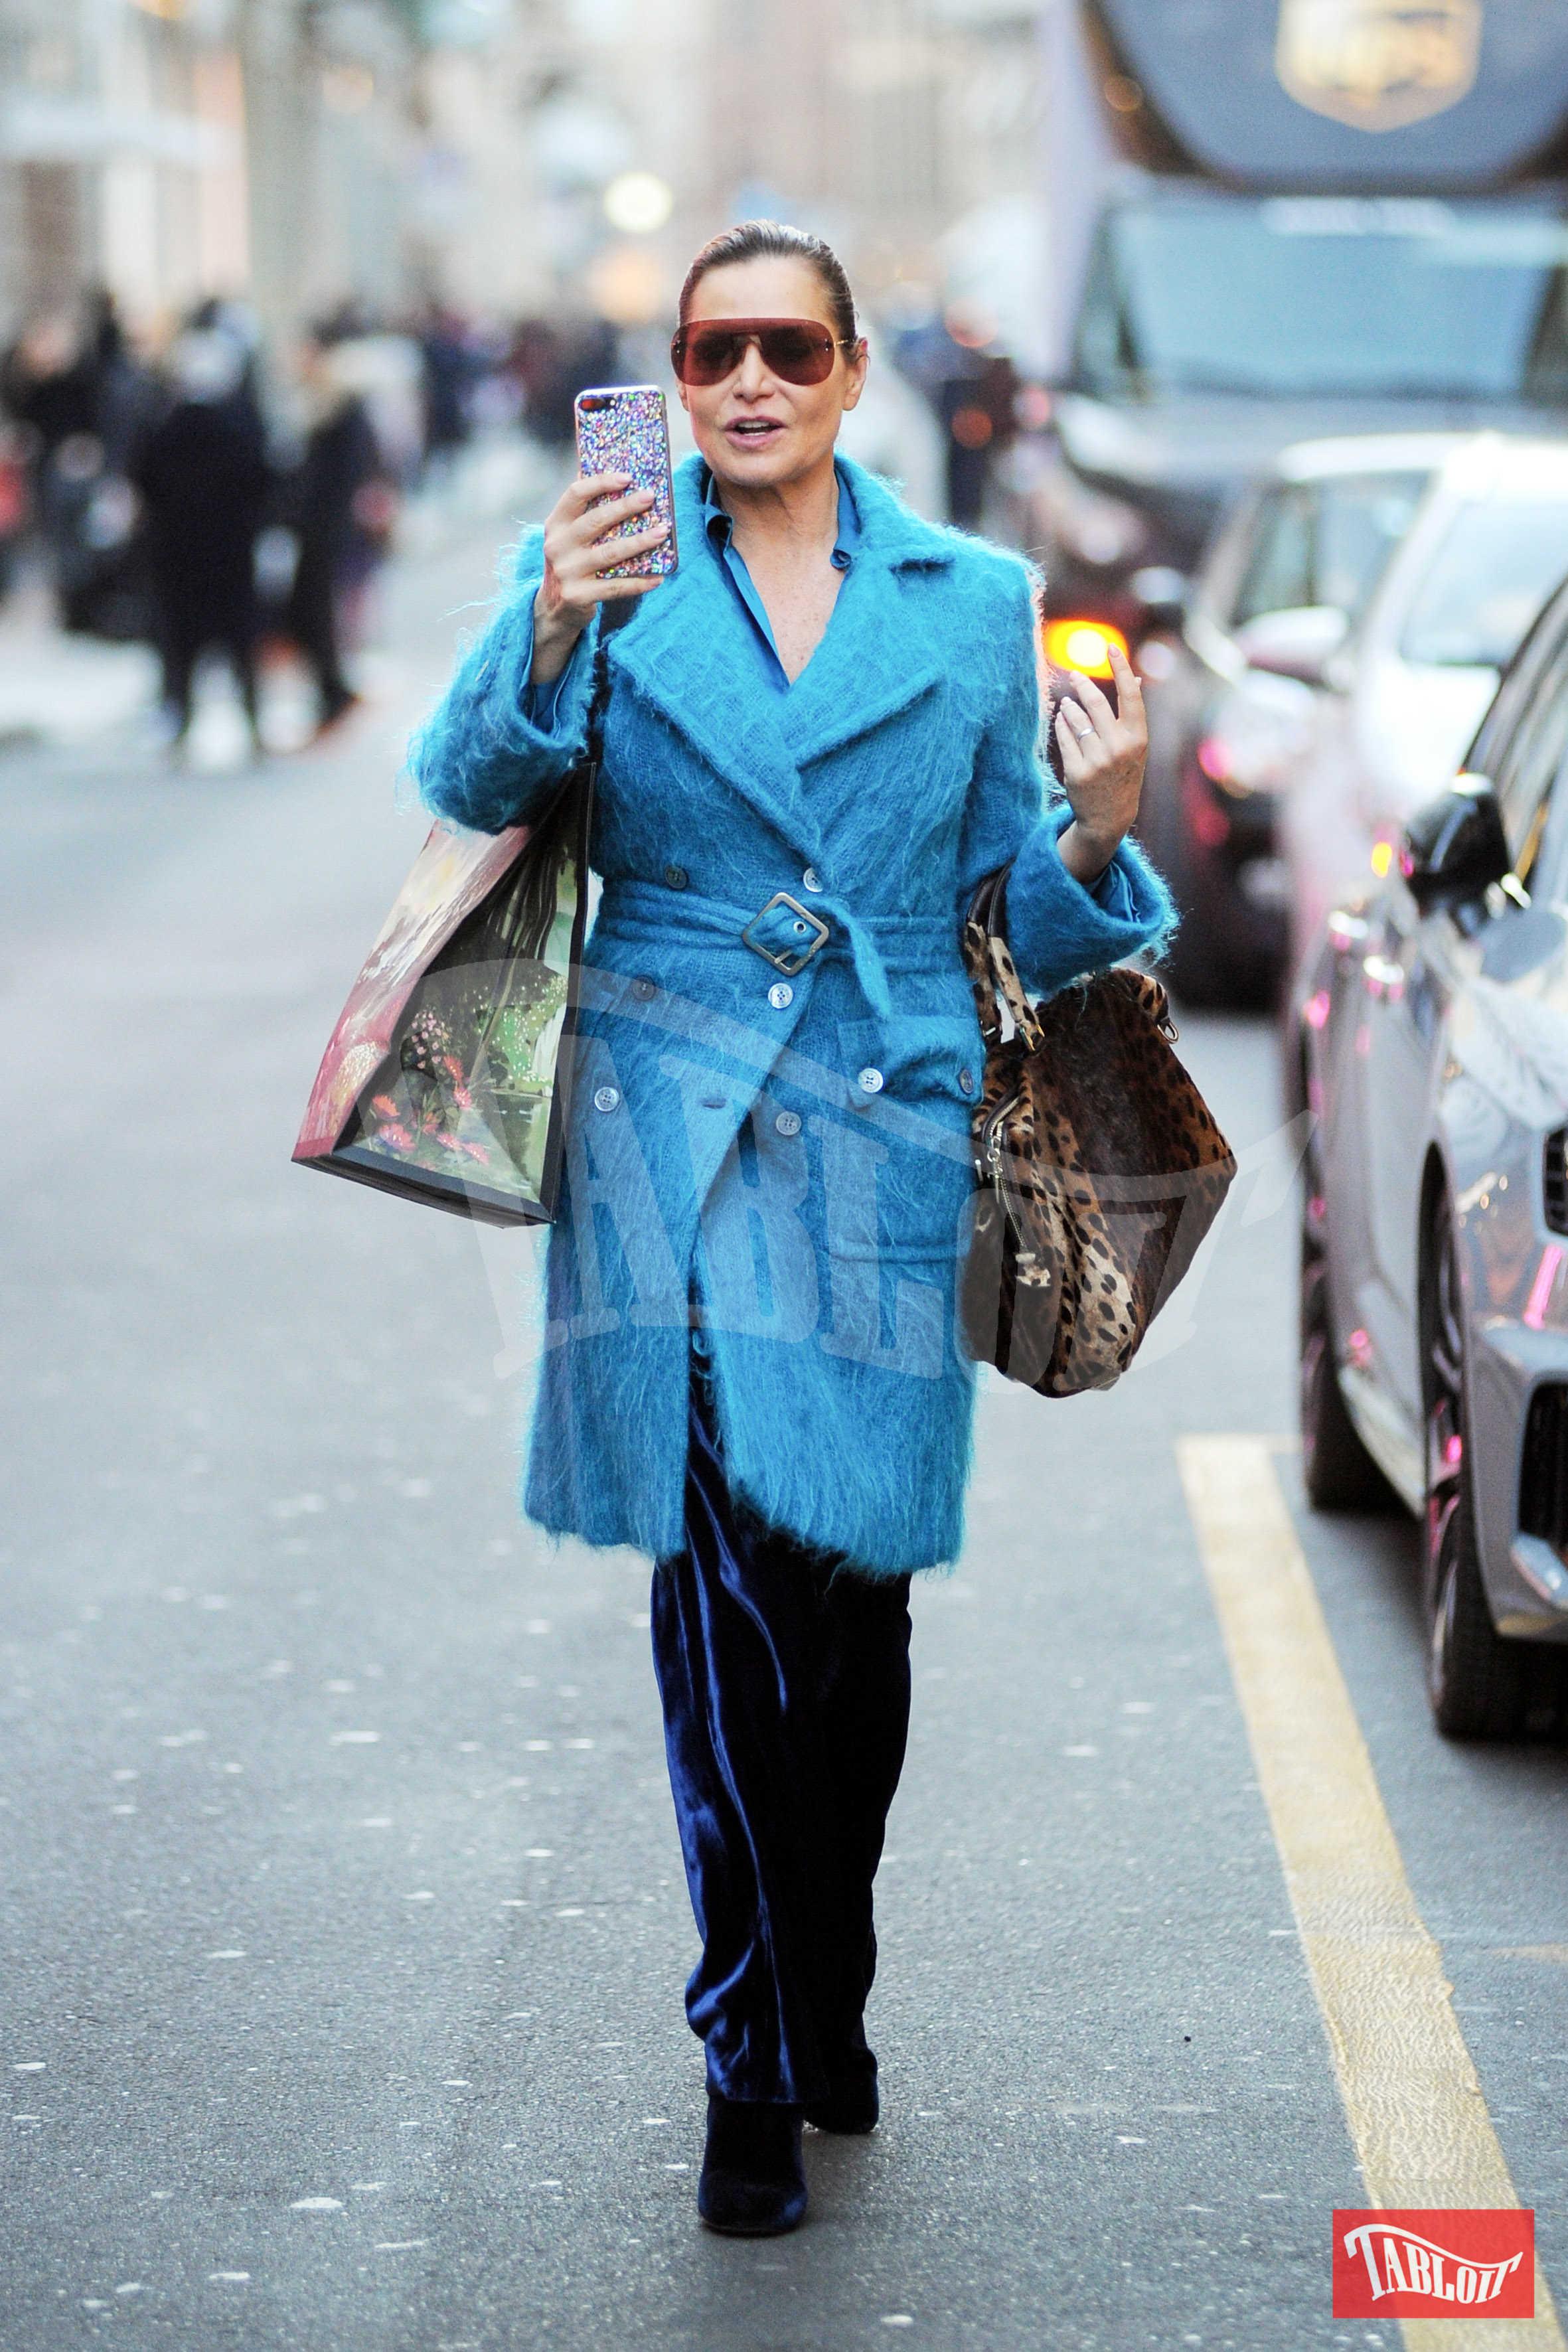 Simona Ventura esce da Gucci con il suo nuovo acquisto sottobraccio. E intanto scatta qualche foto ai paparazzi appostati